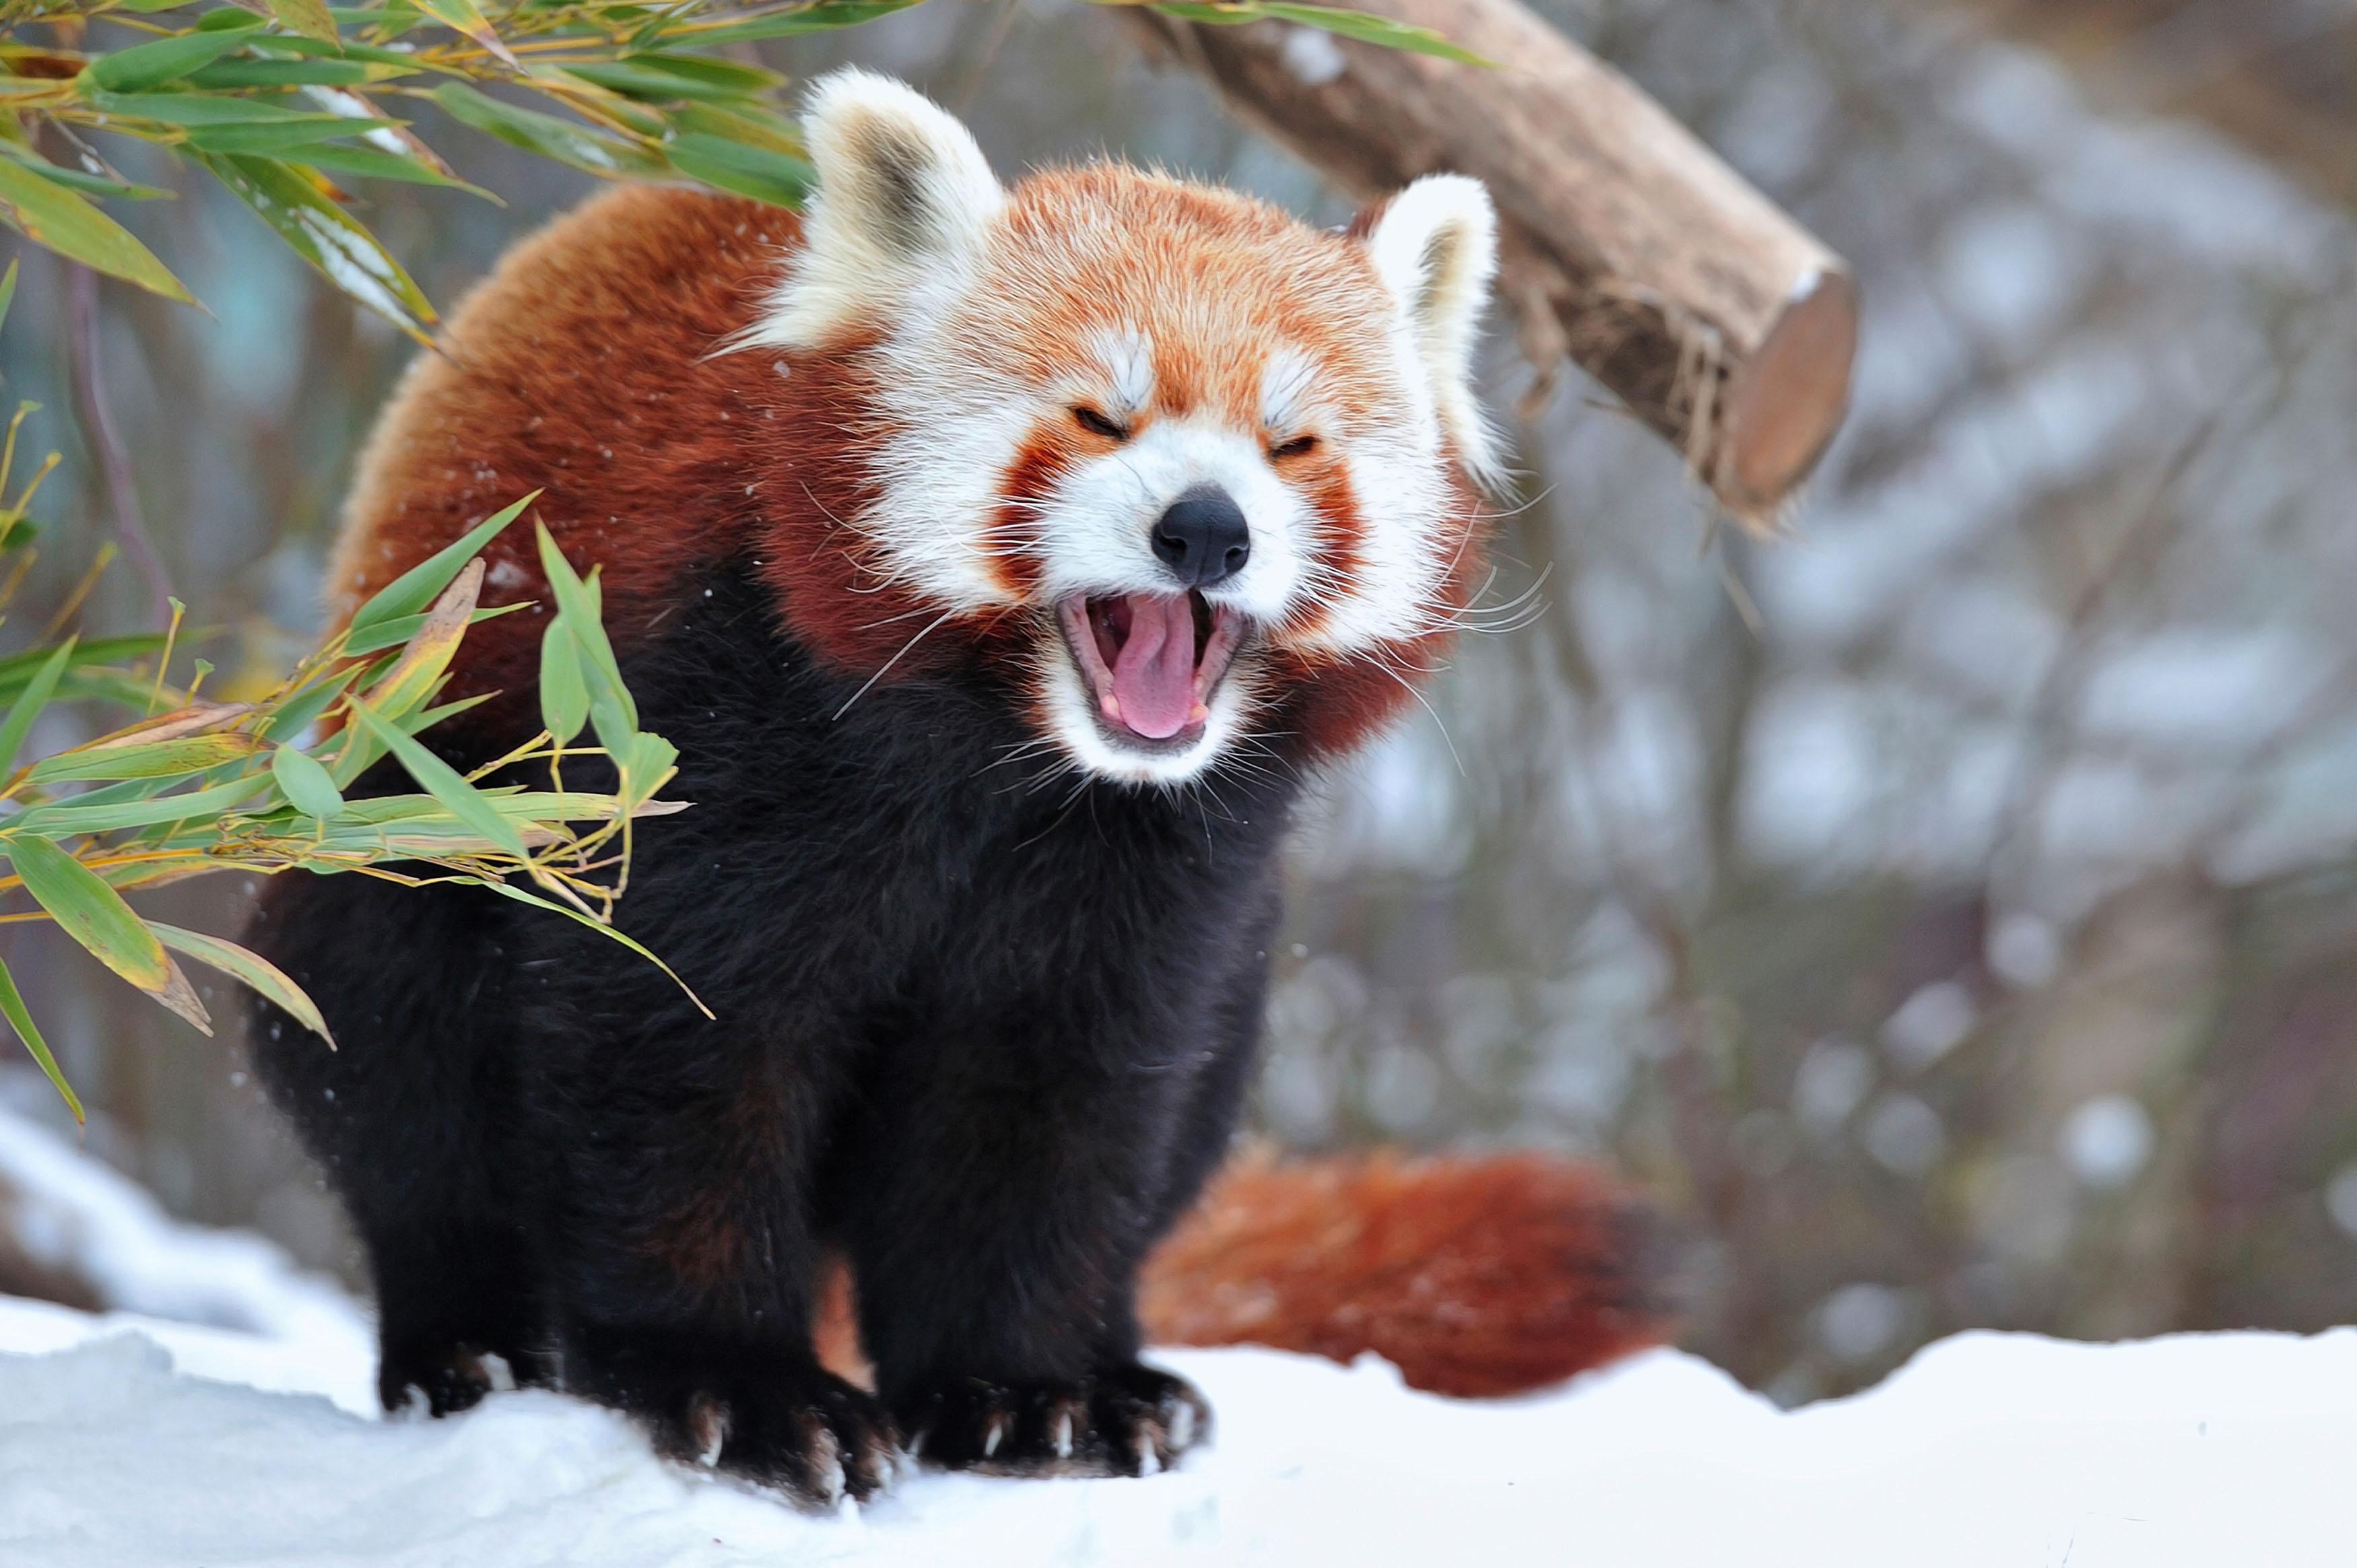 удивительное животное - малая панда